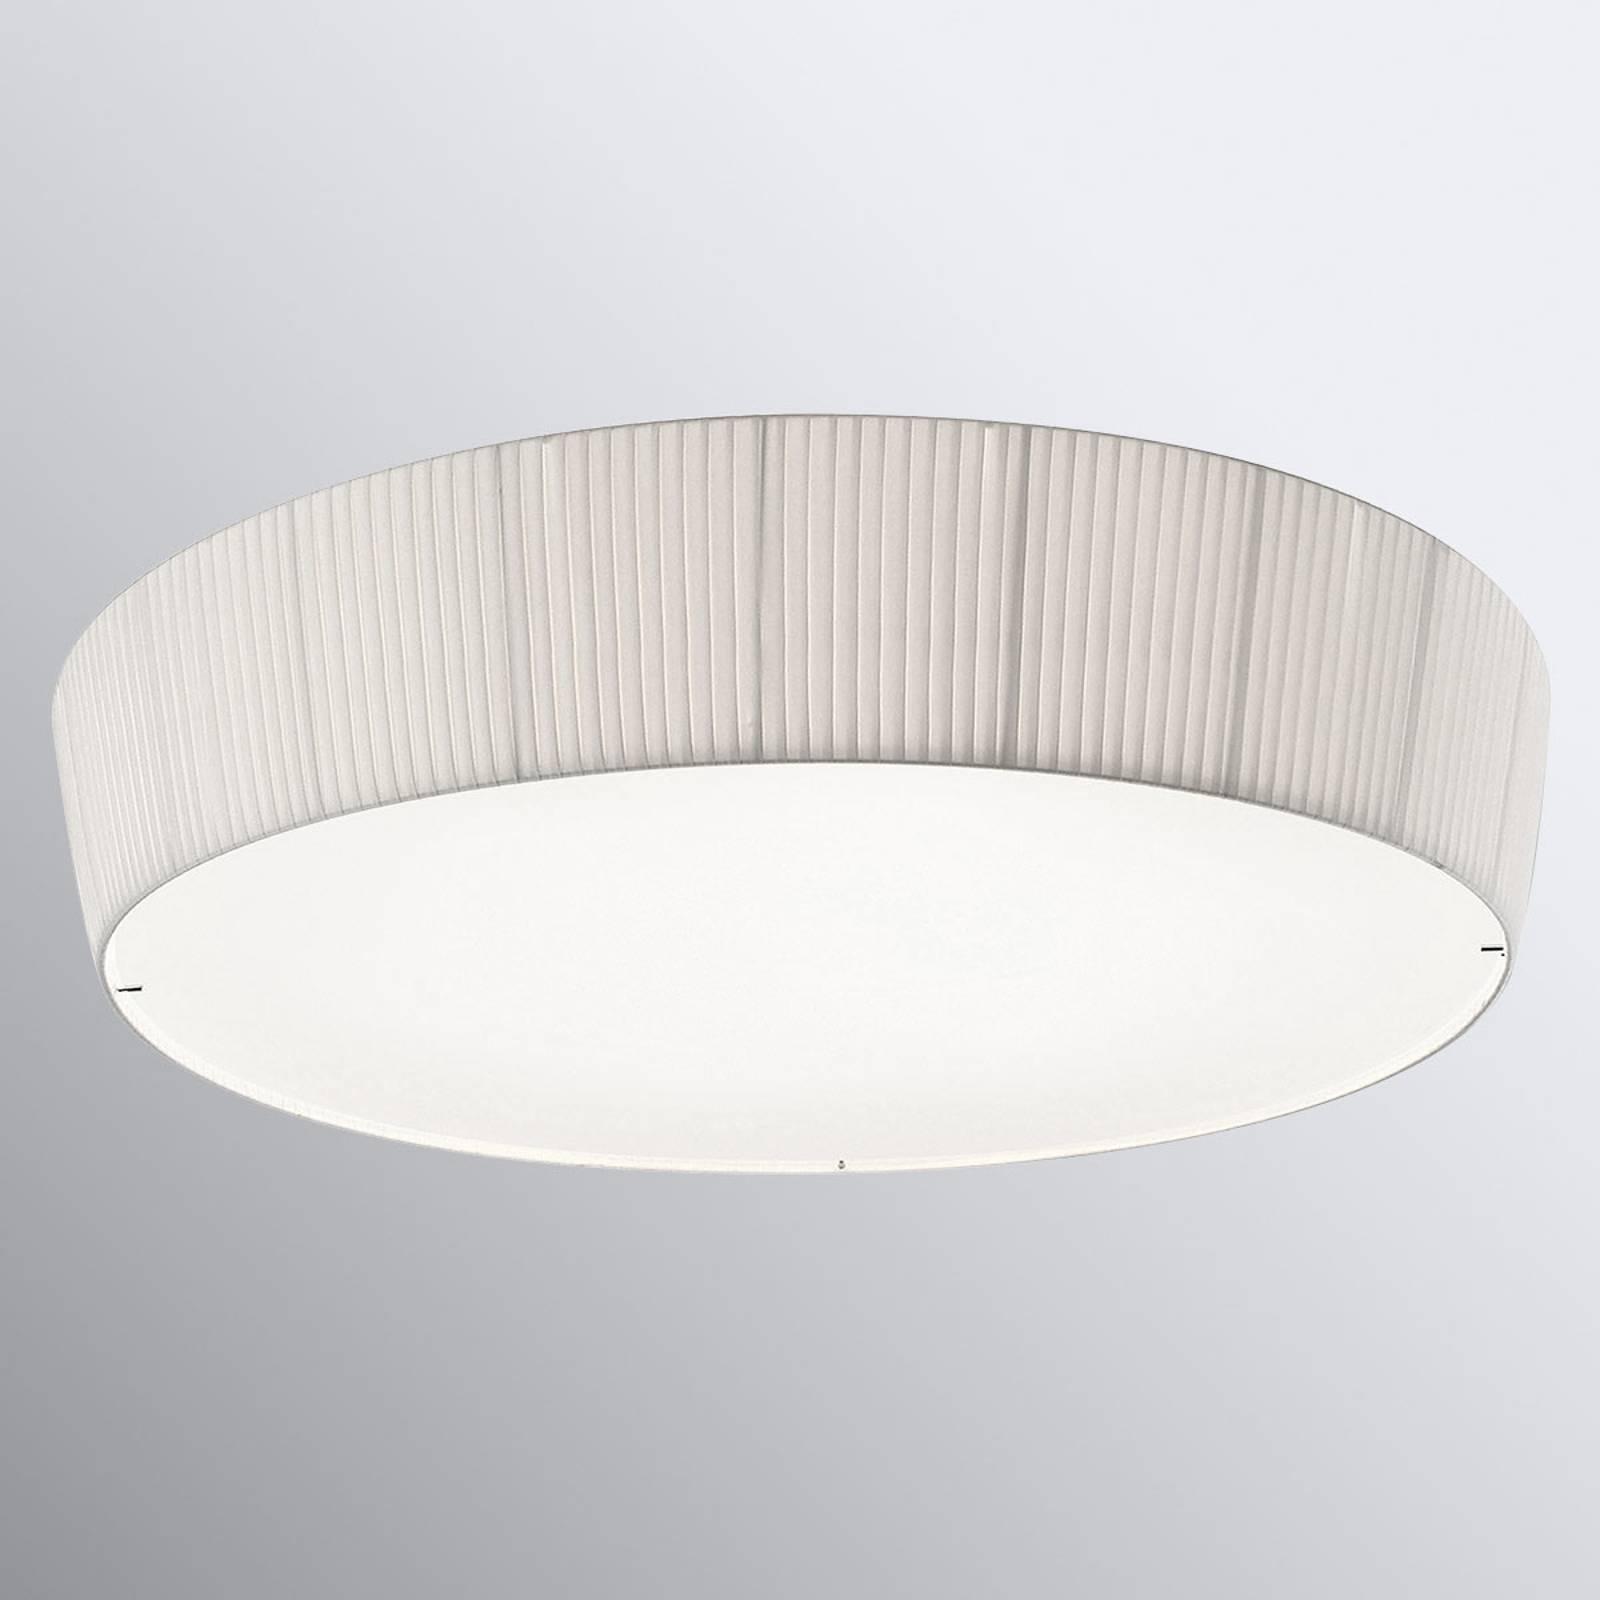 Bover Plafonet 95 tekstiilikattolamppu, valkoinen